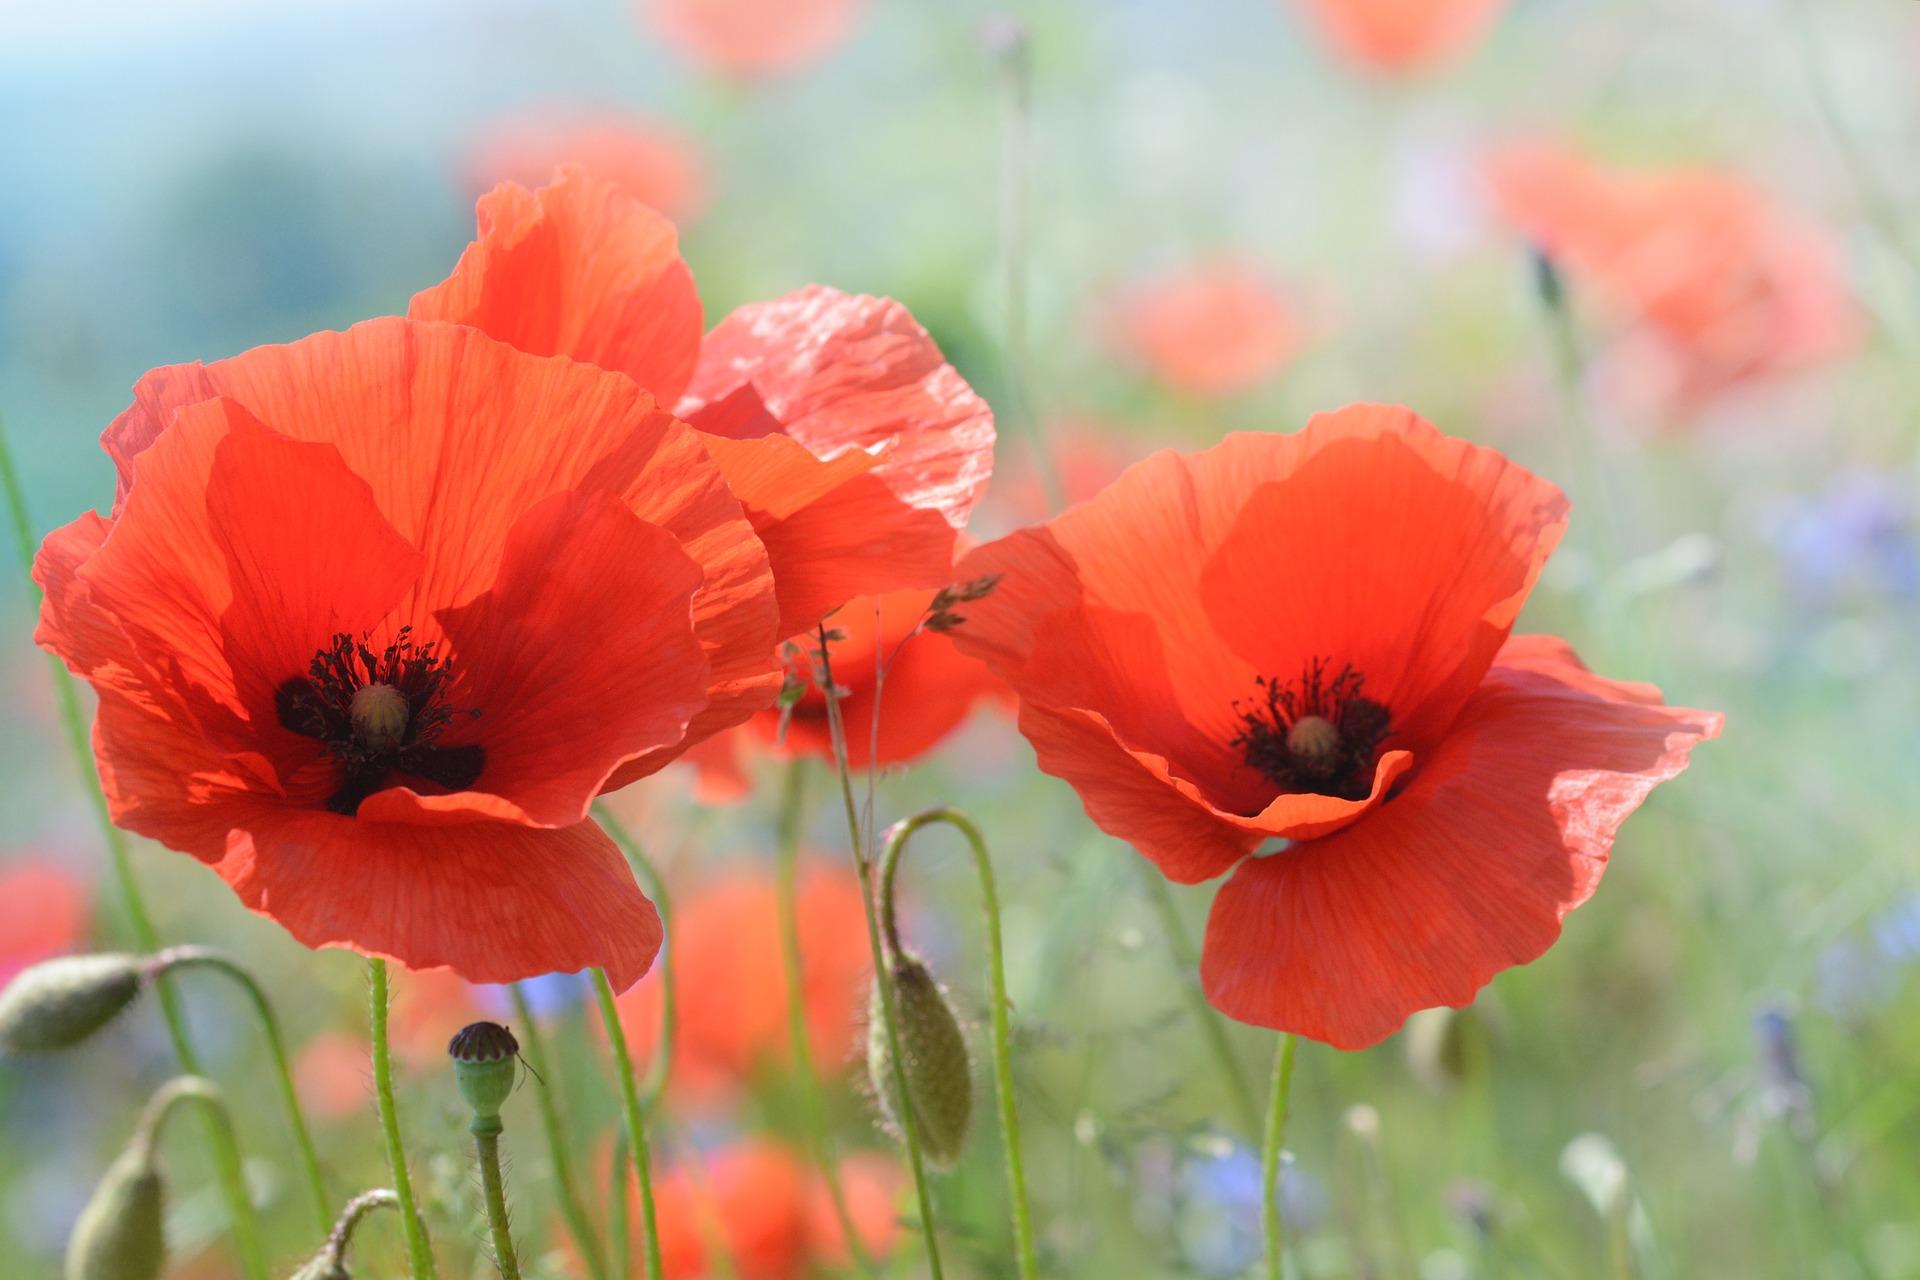 poppy-2391025_1920.jpg